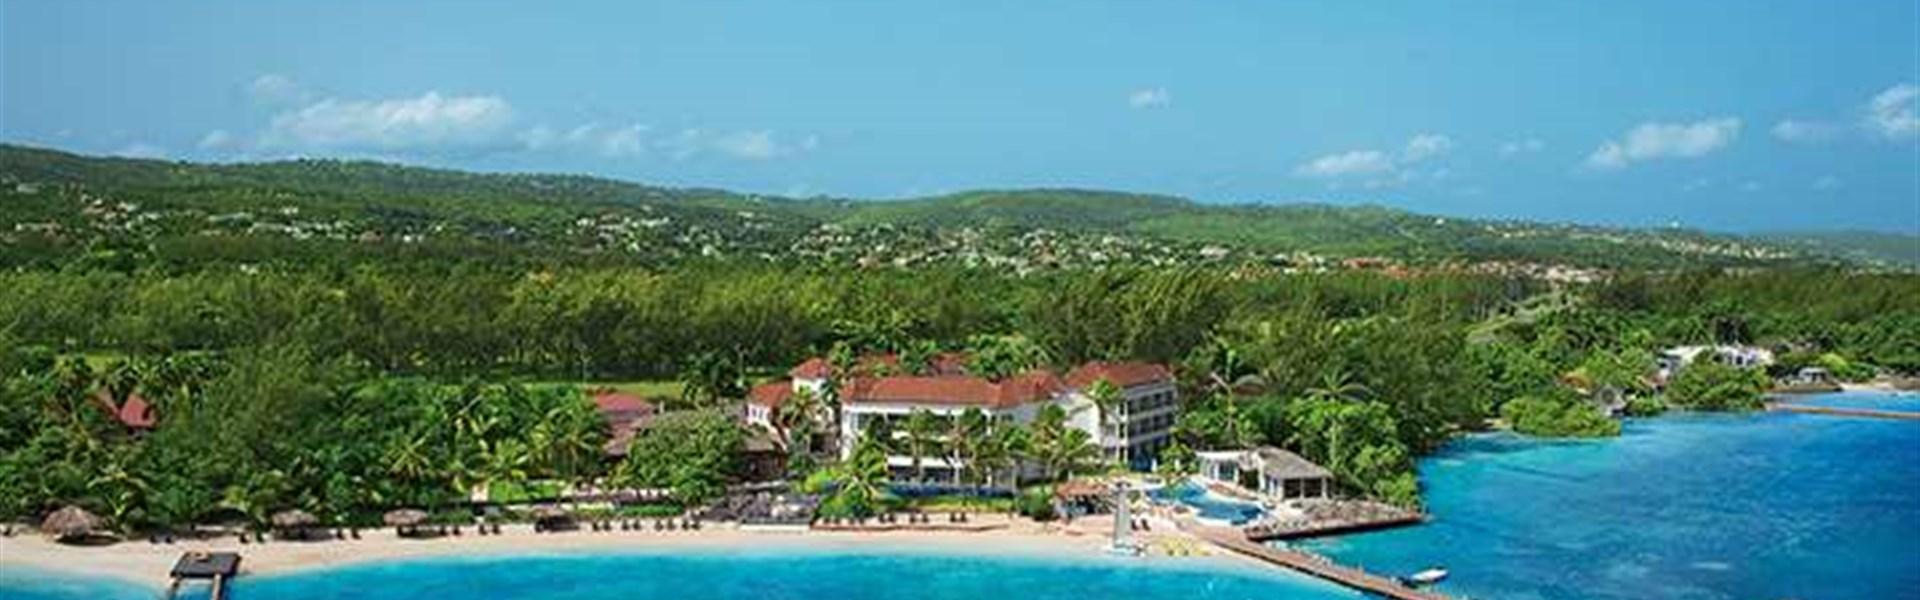 Zoetry Montego Bay Jamaica -